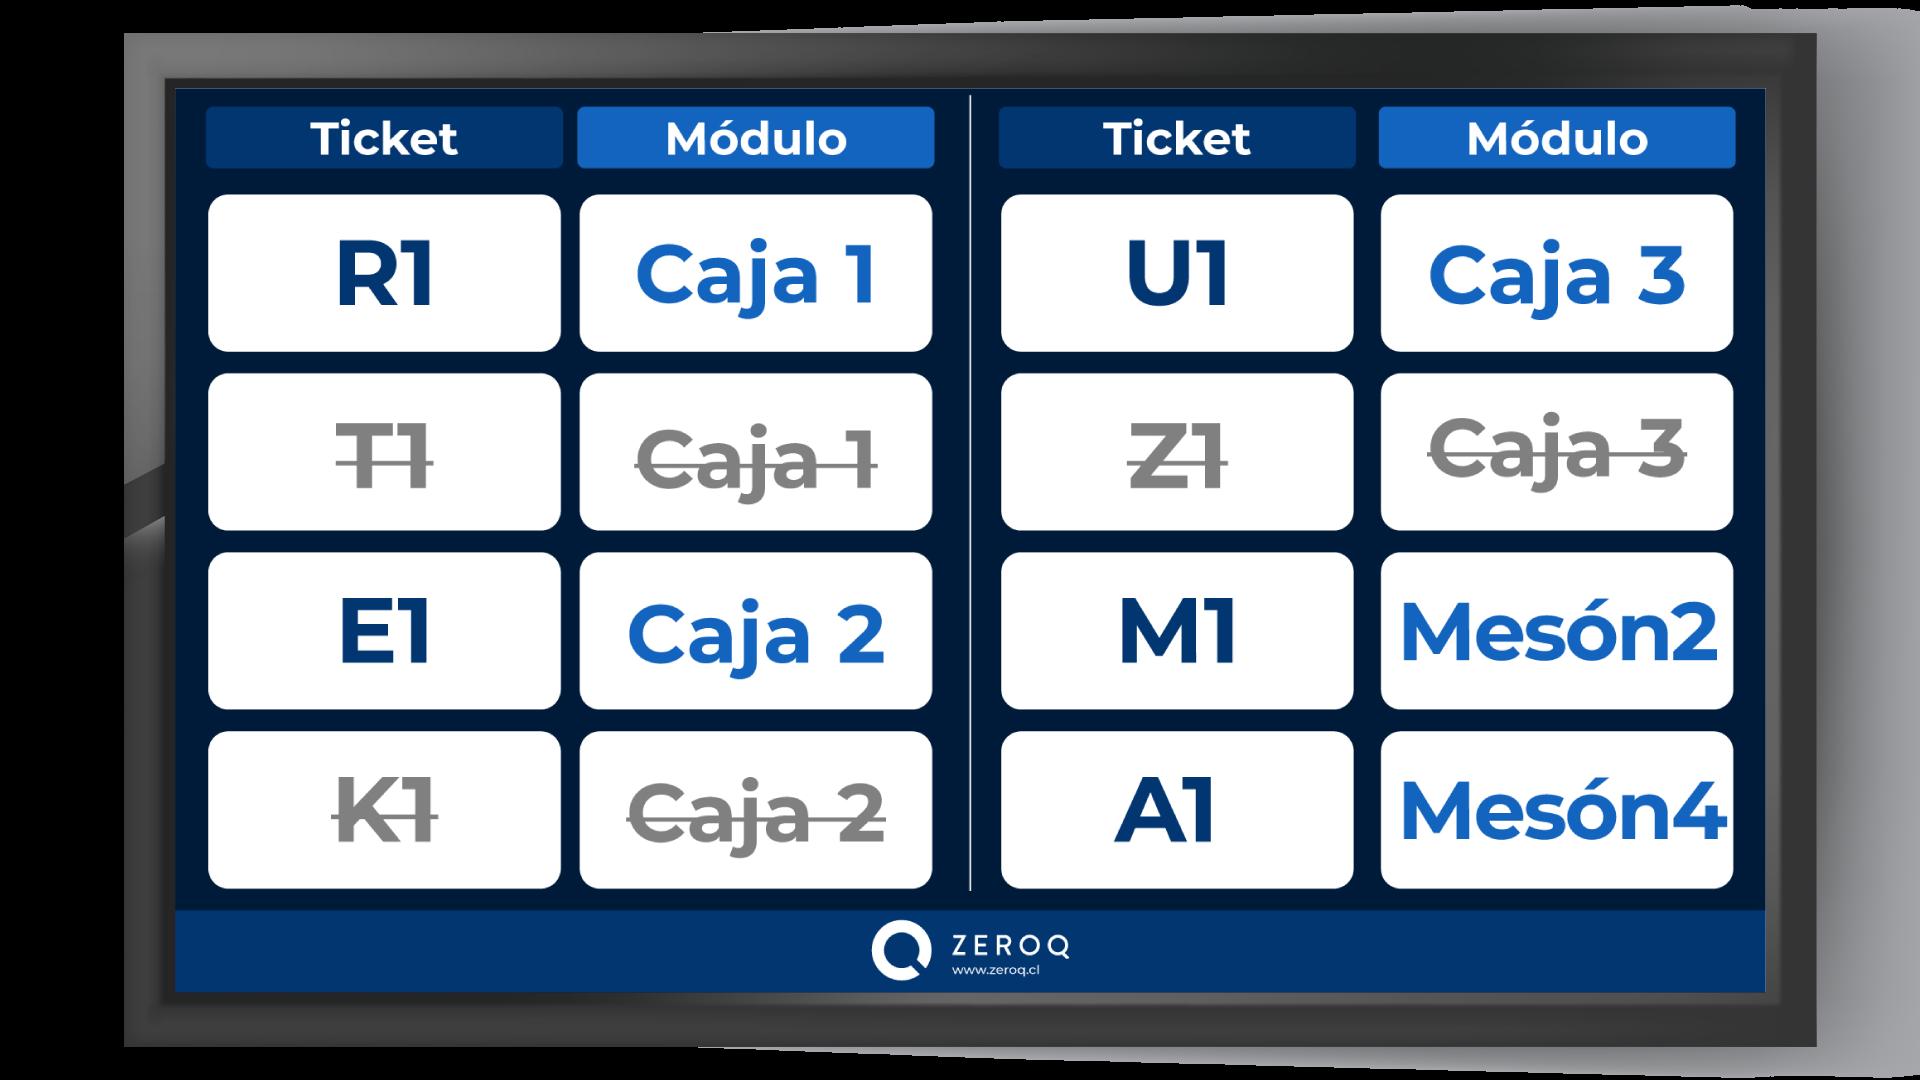 Numero de ticket, caja y/o módulo